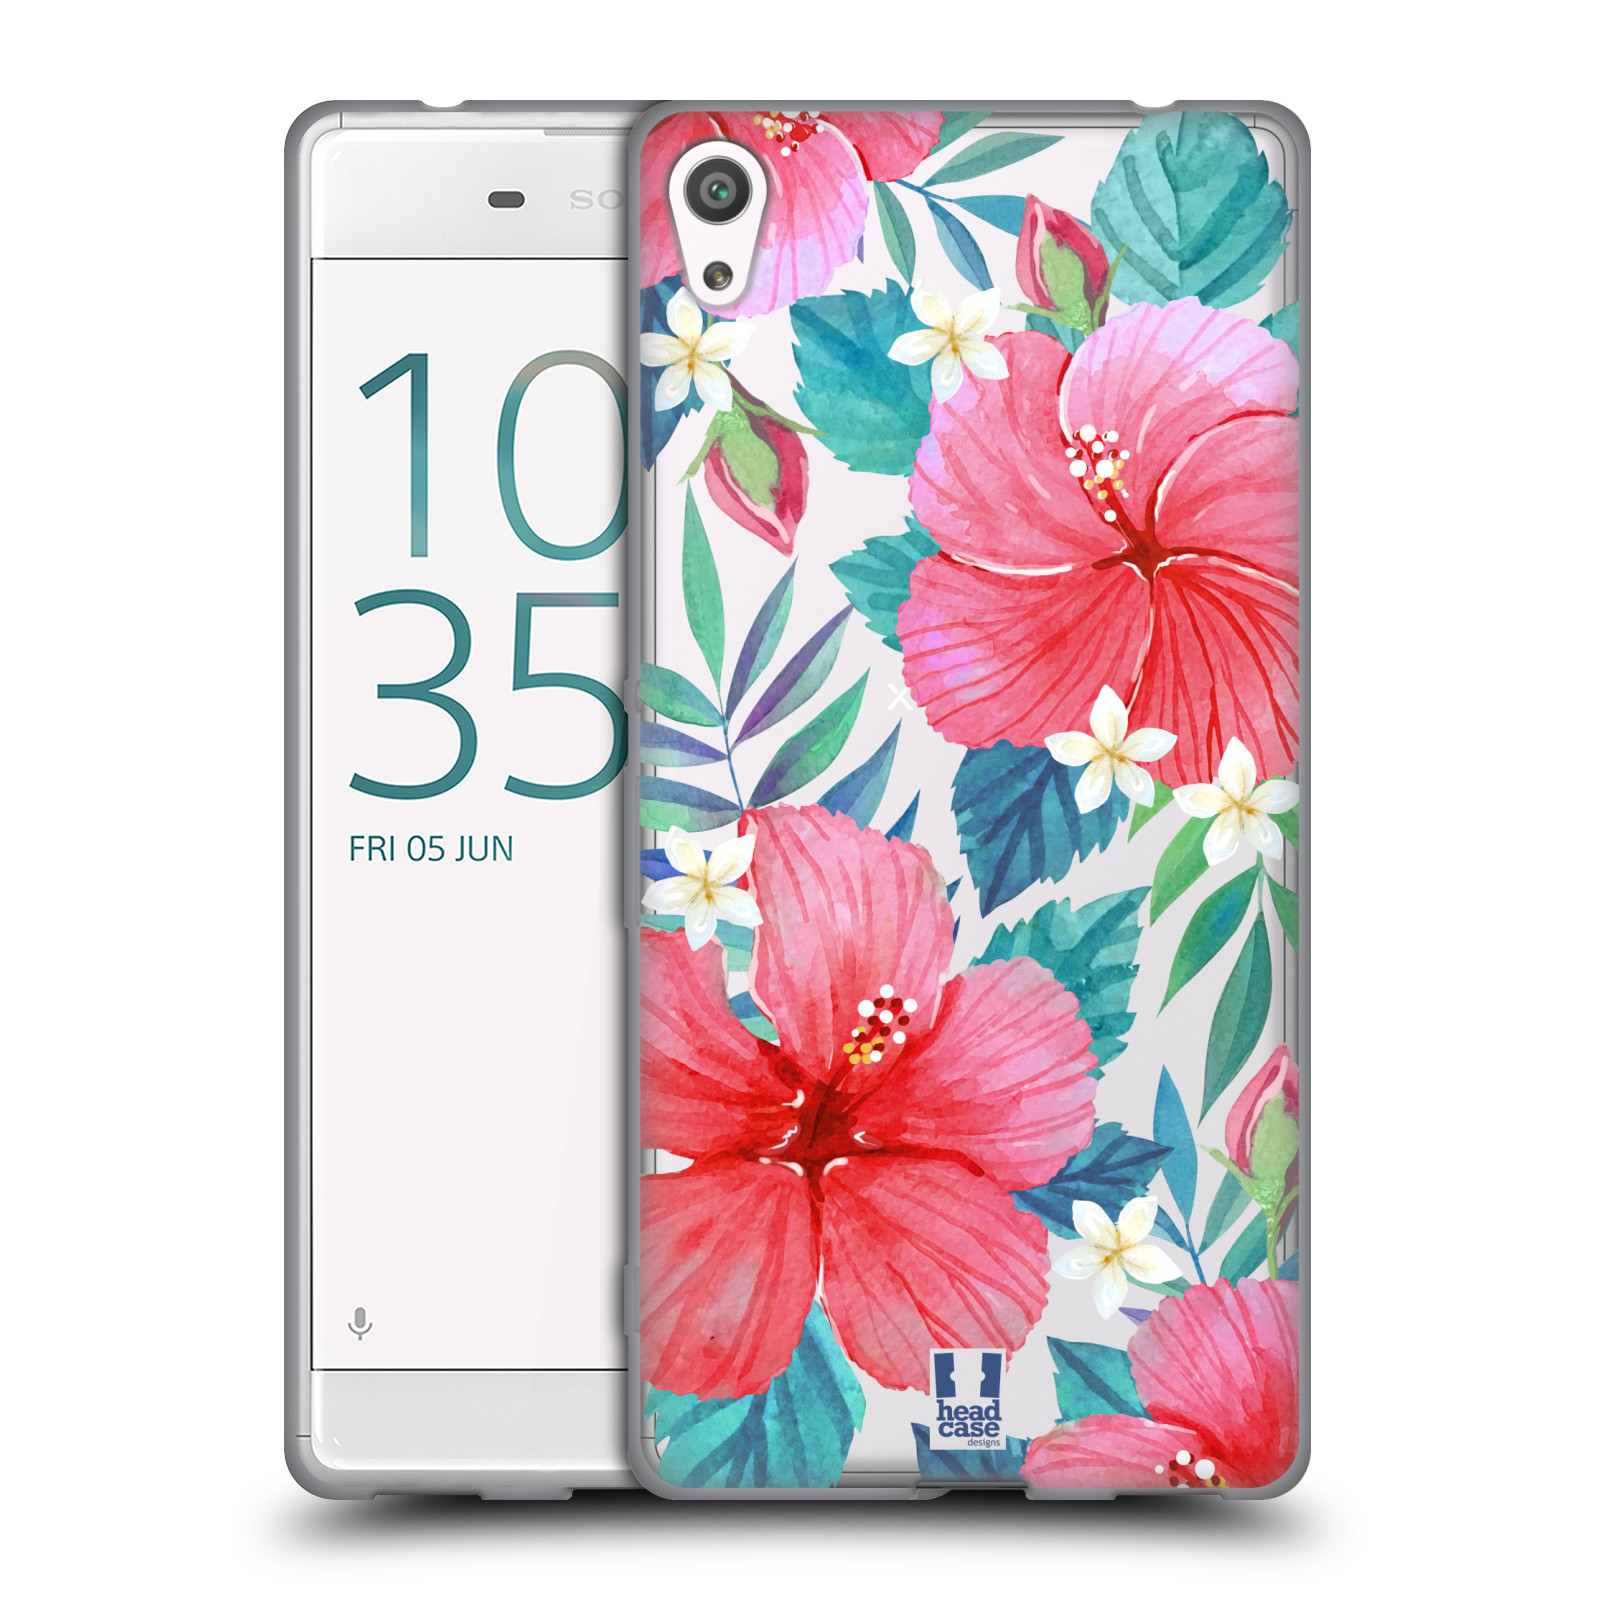 HEAD CASE silikonový obal na mobil Sony Xperia XA ULTRA květinové vzory Ibišek čínská růže